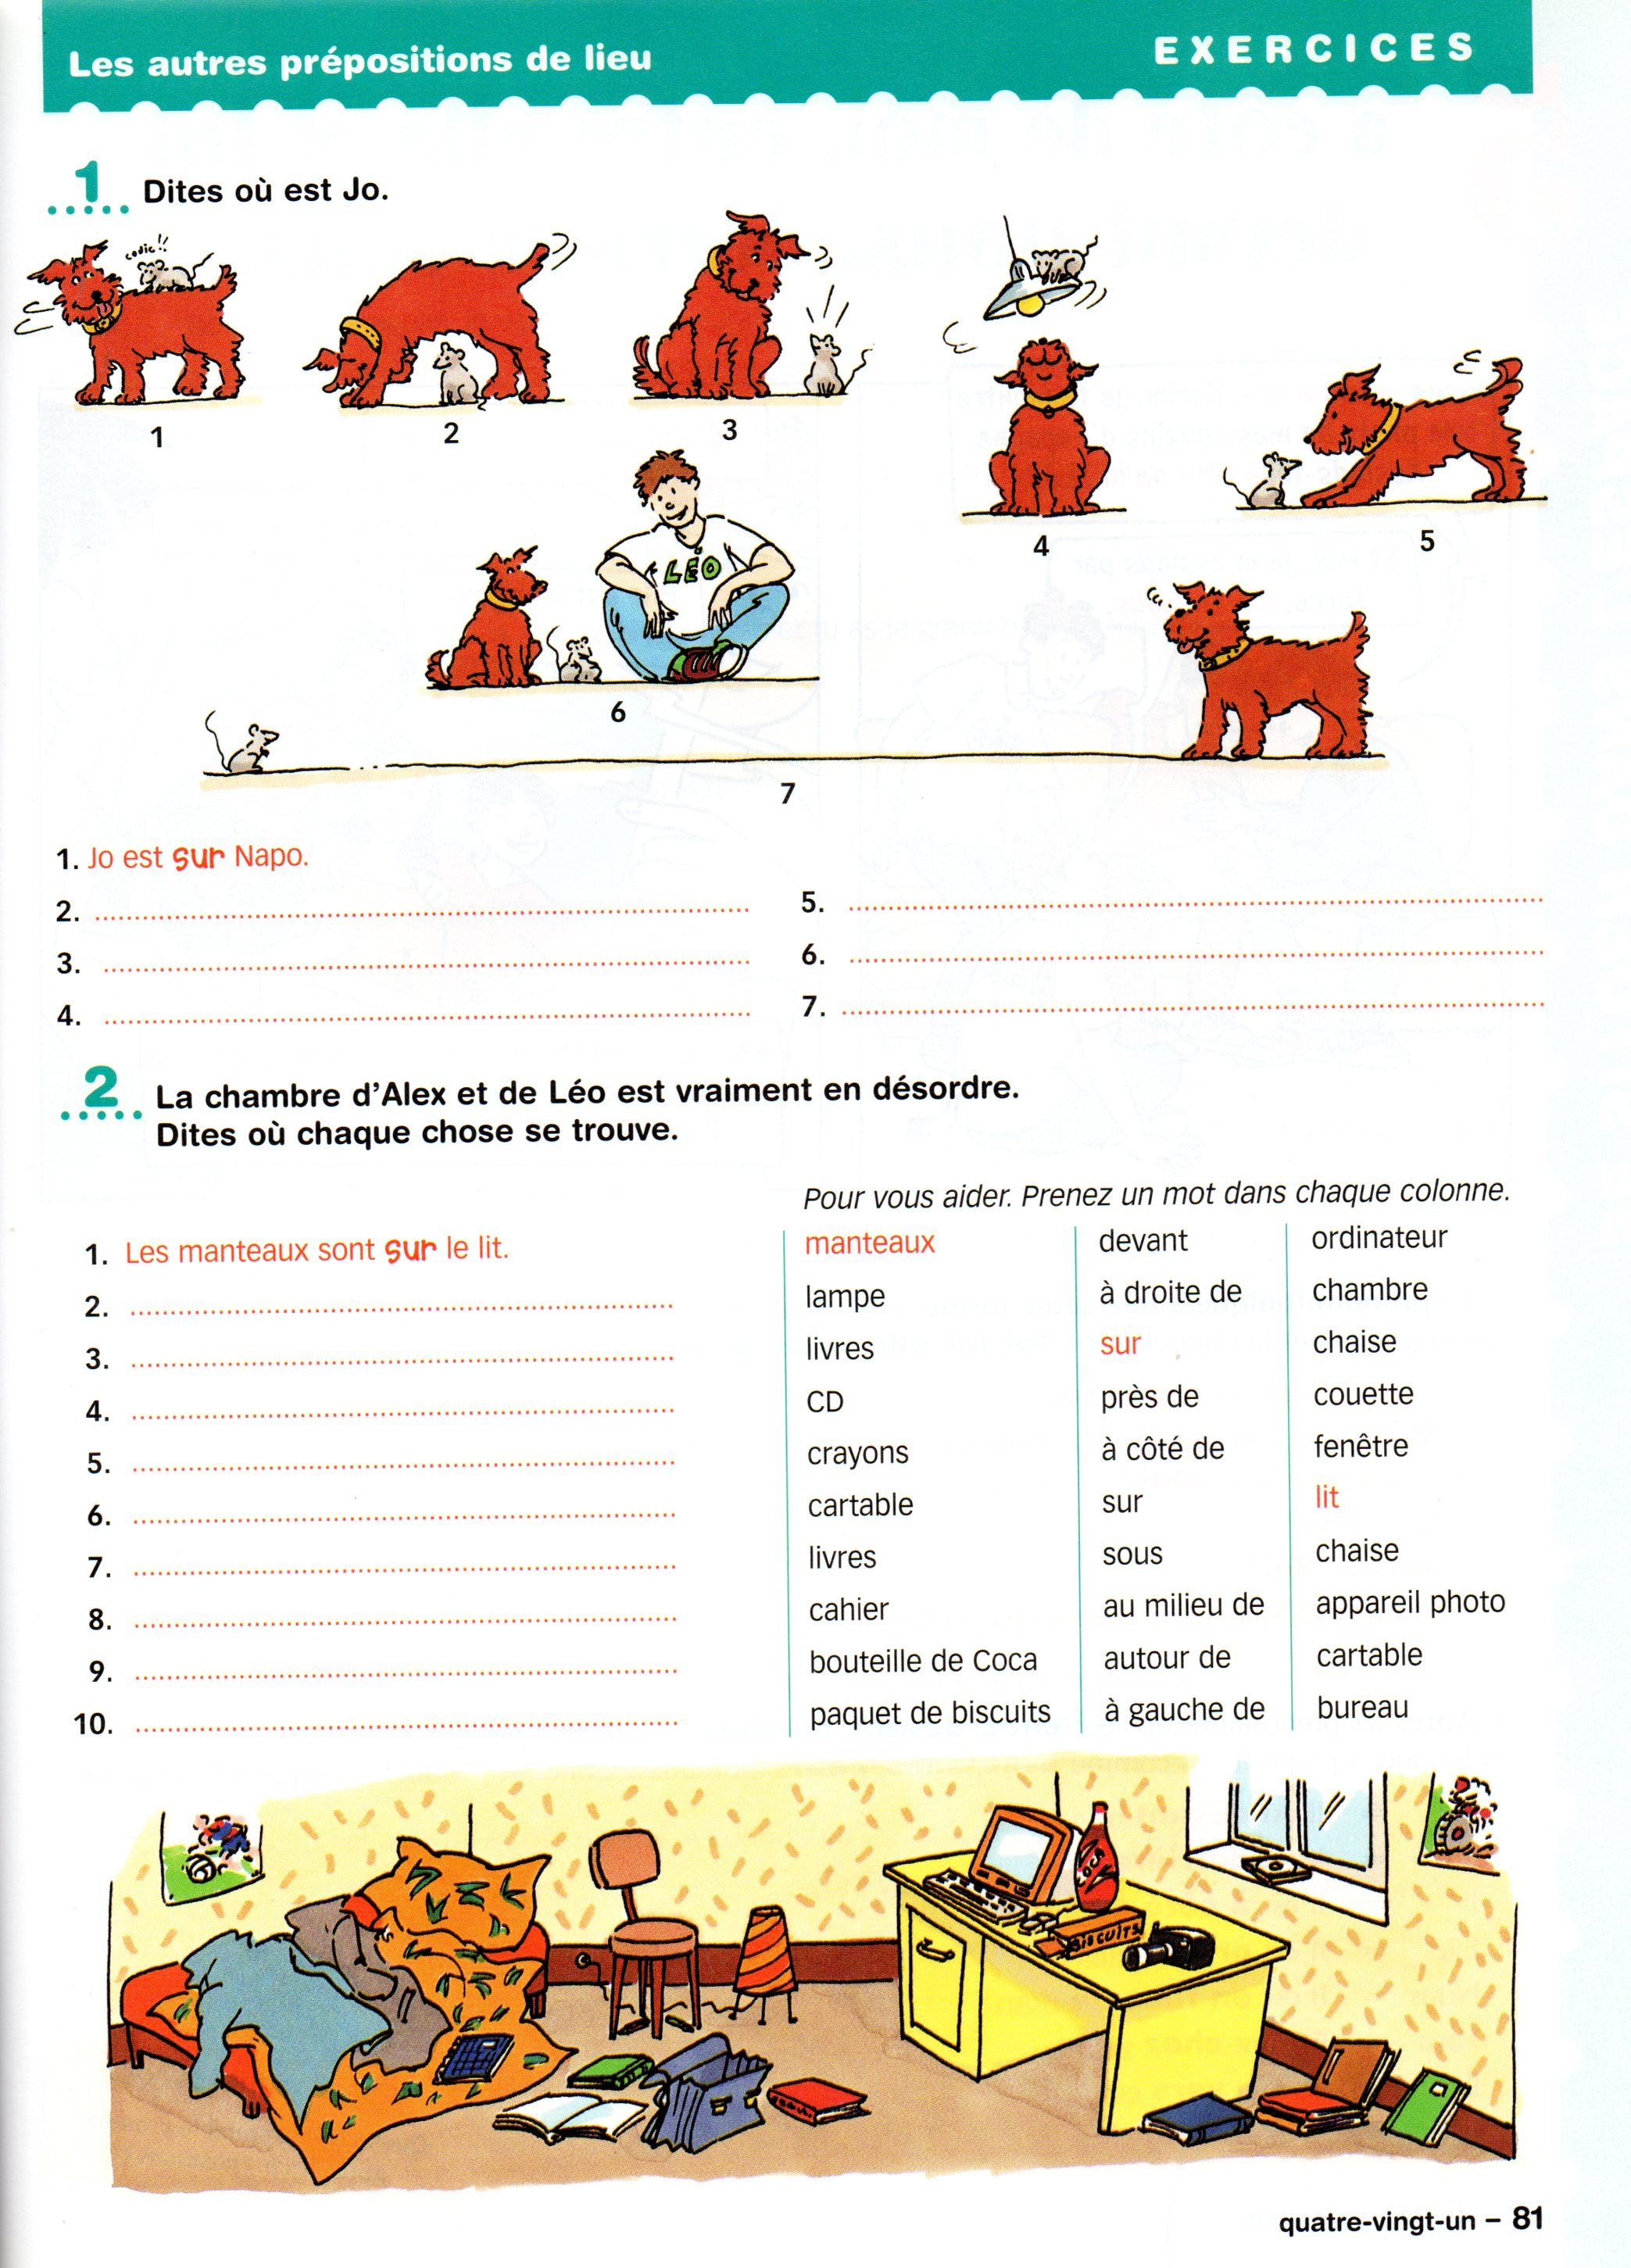 Exercices Sur Les Prepositions De Lieu